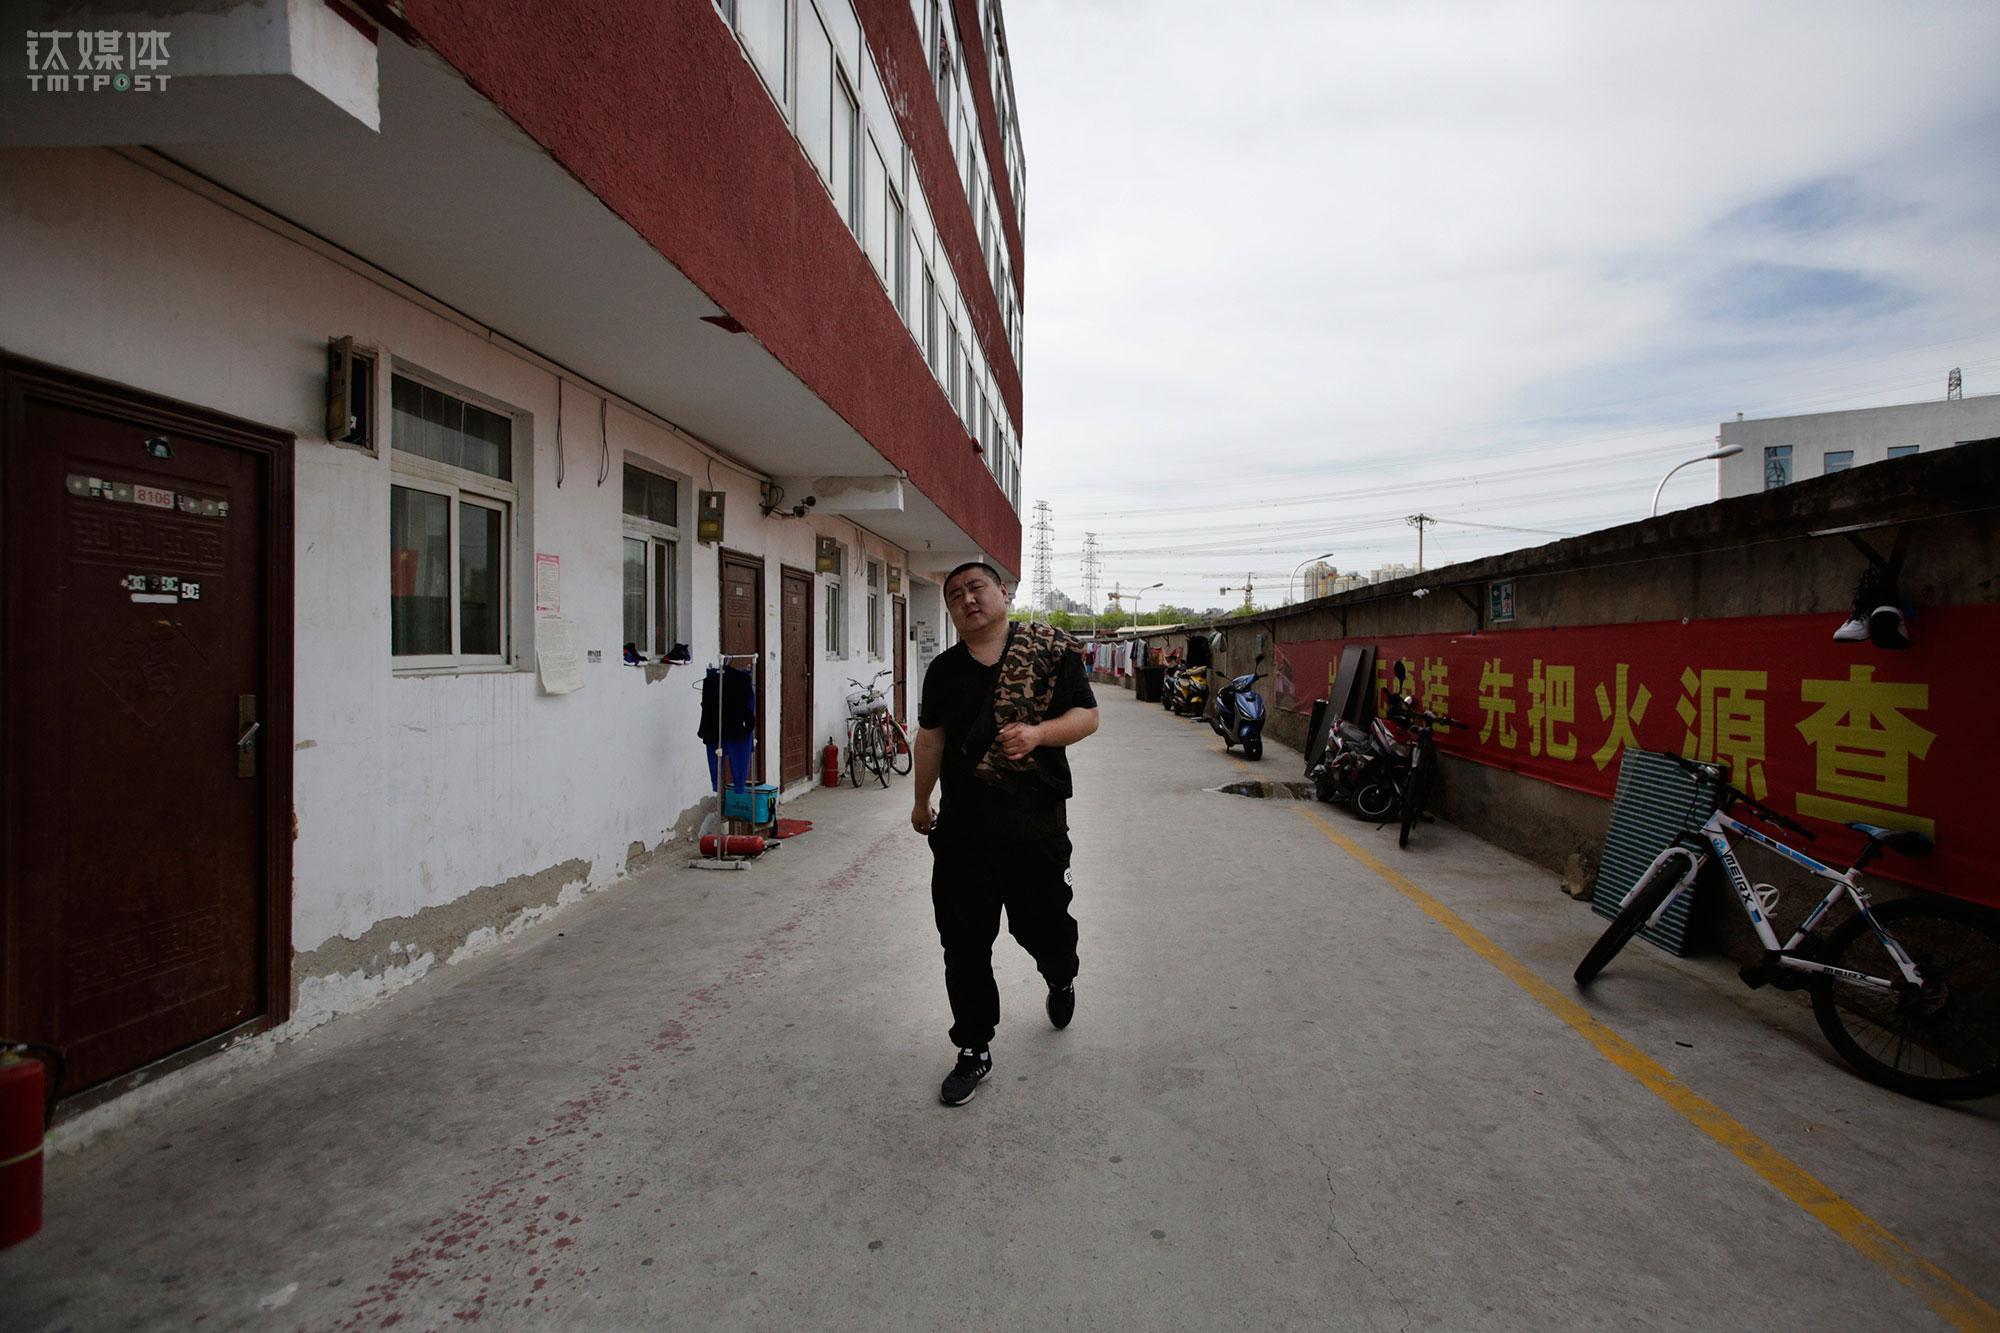 上午班的工作量完成,在快餐店吃过饭,大强回到位于百子湾公寓的公司宿舍。